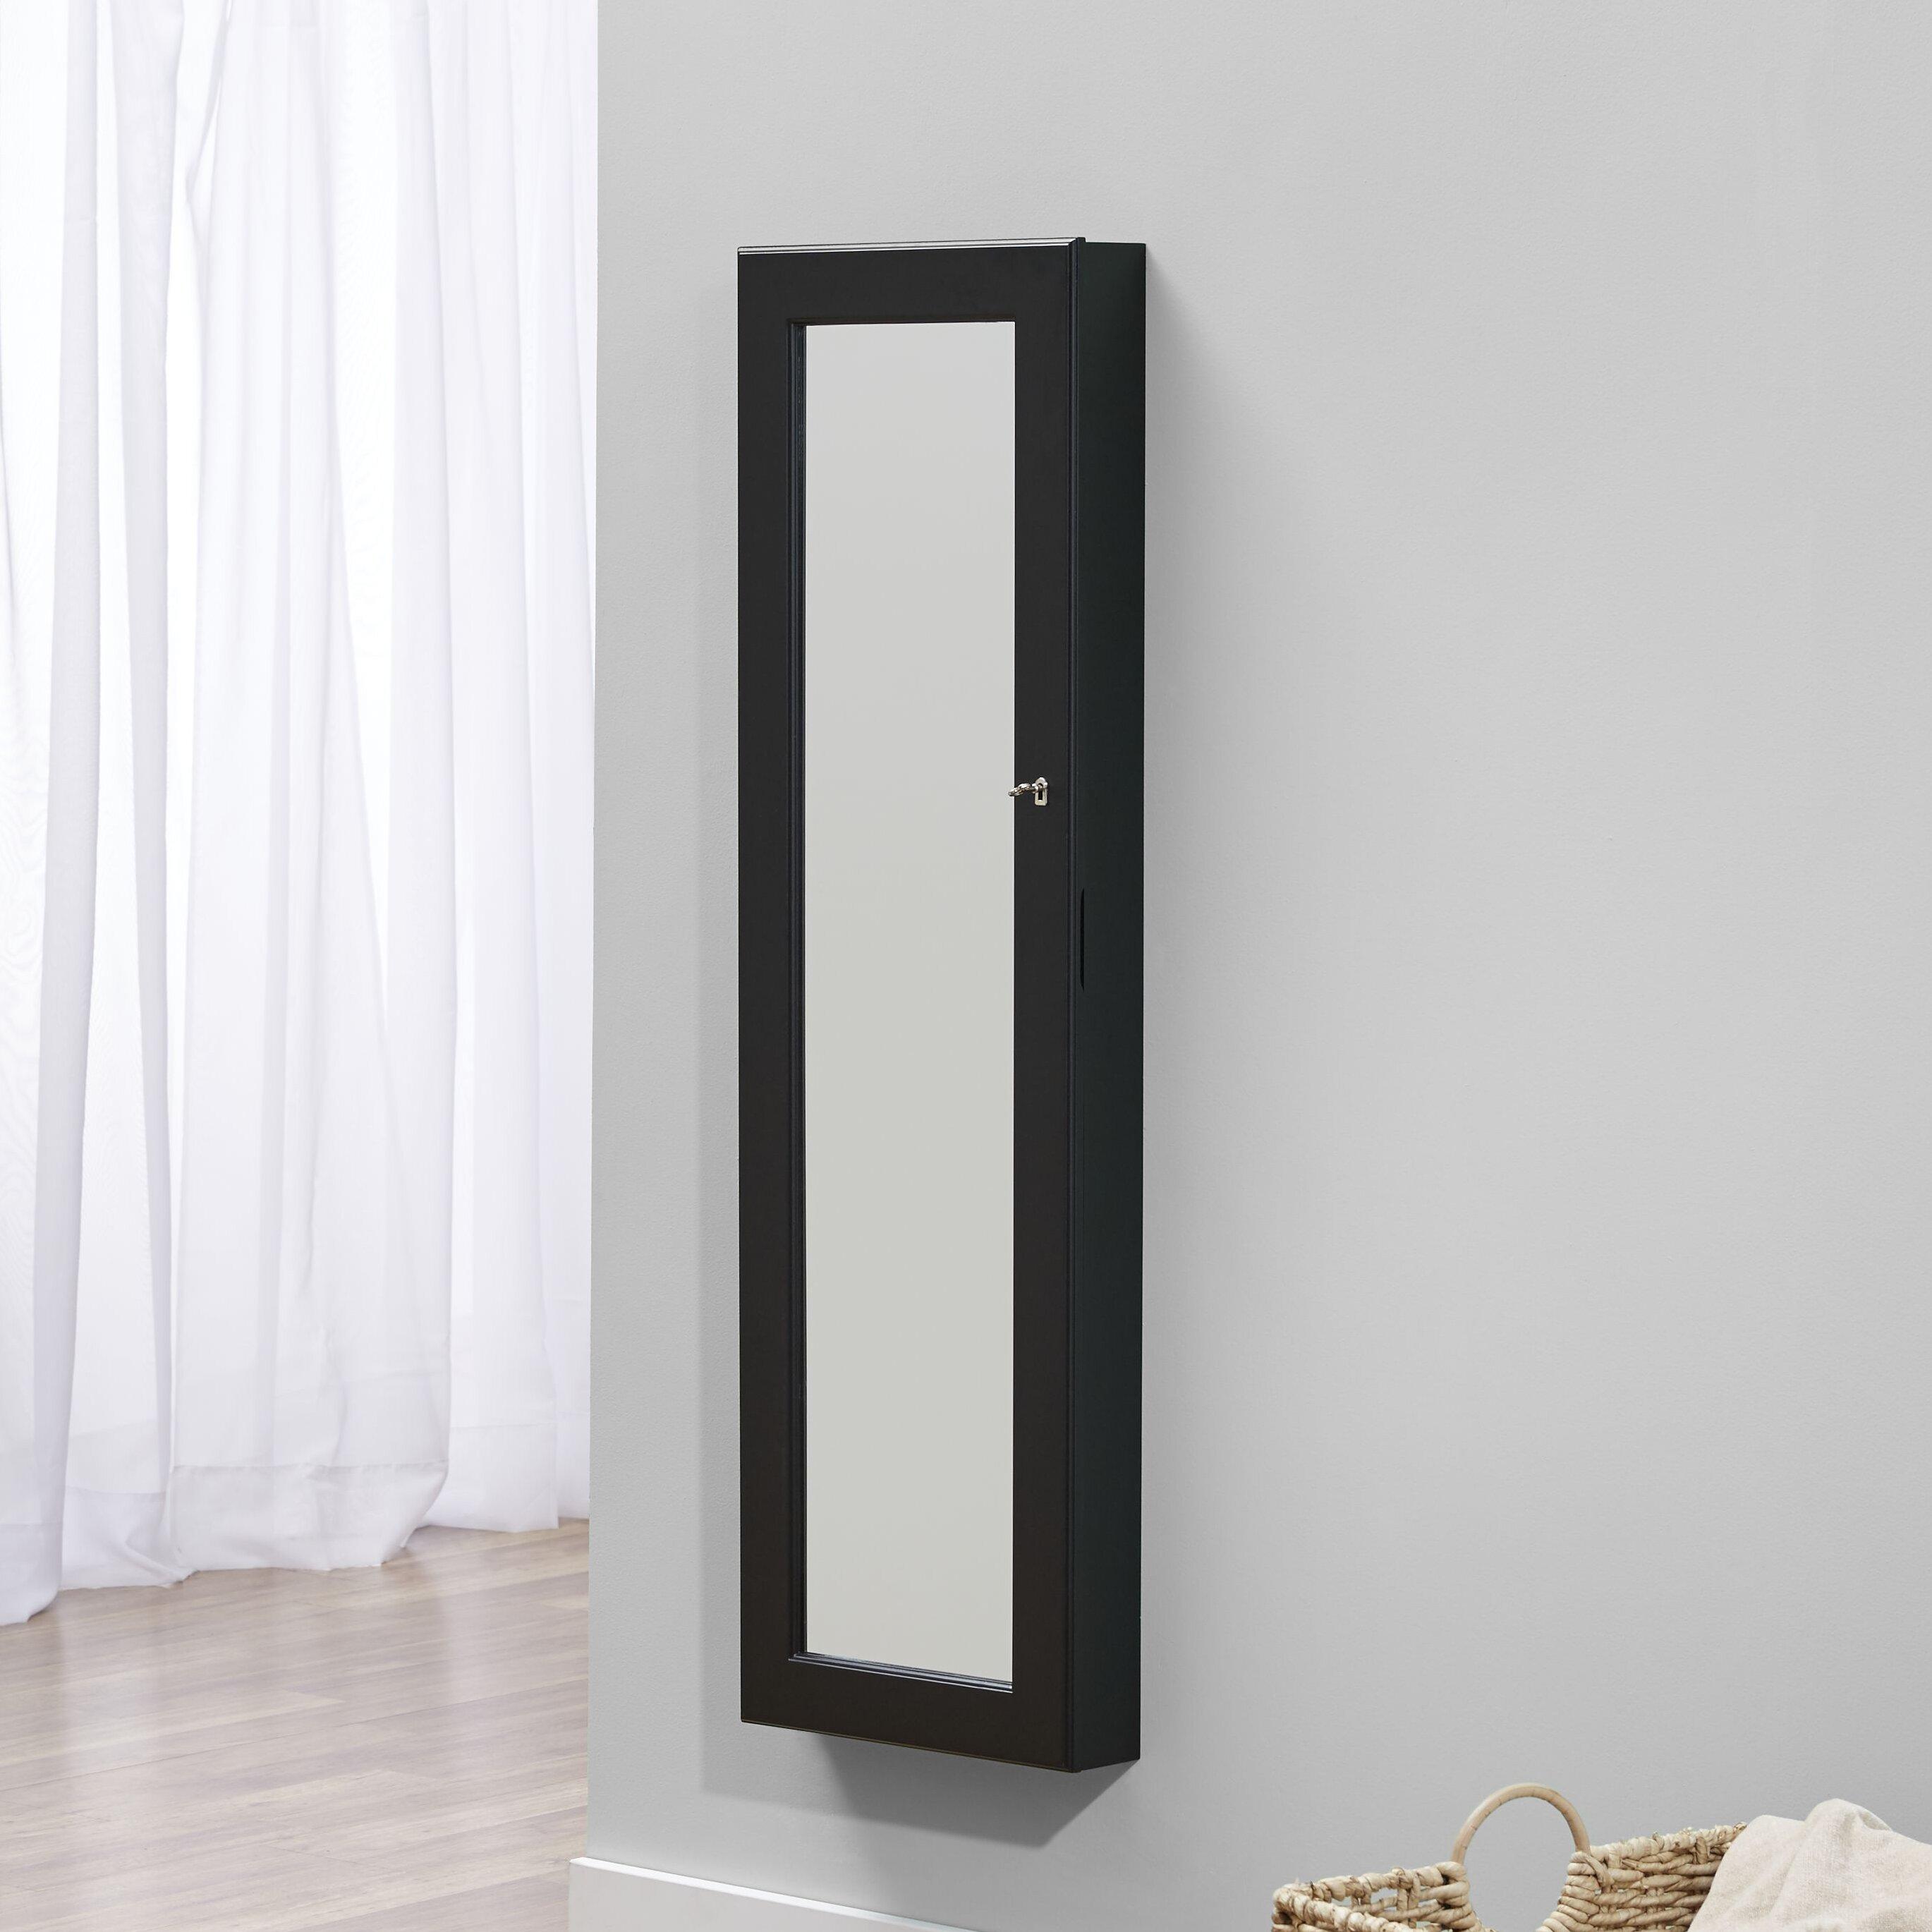 Over The Door Jewelry Armoire: InnerSpace Luxury Products Over The Door Jewelry Armoire